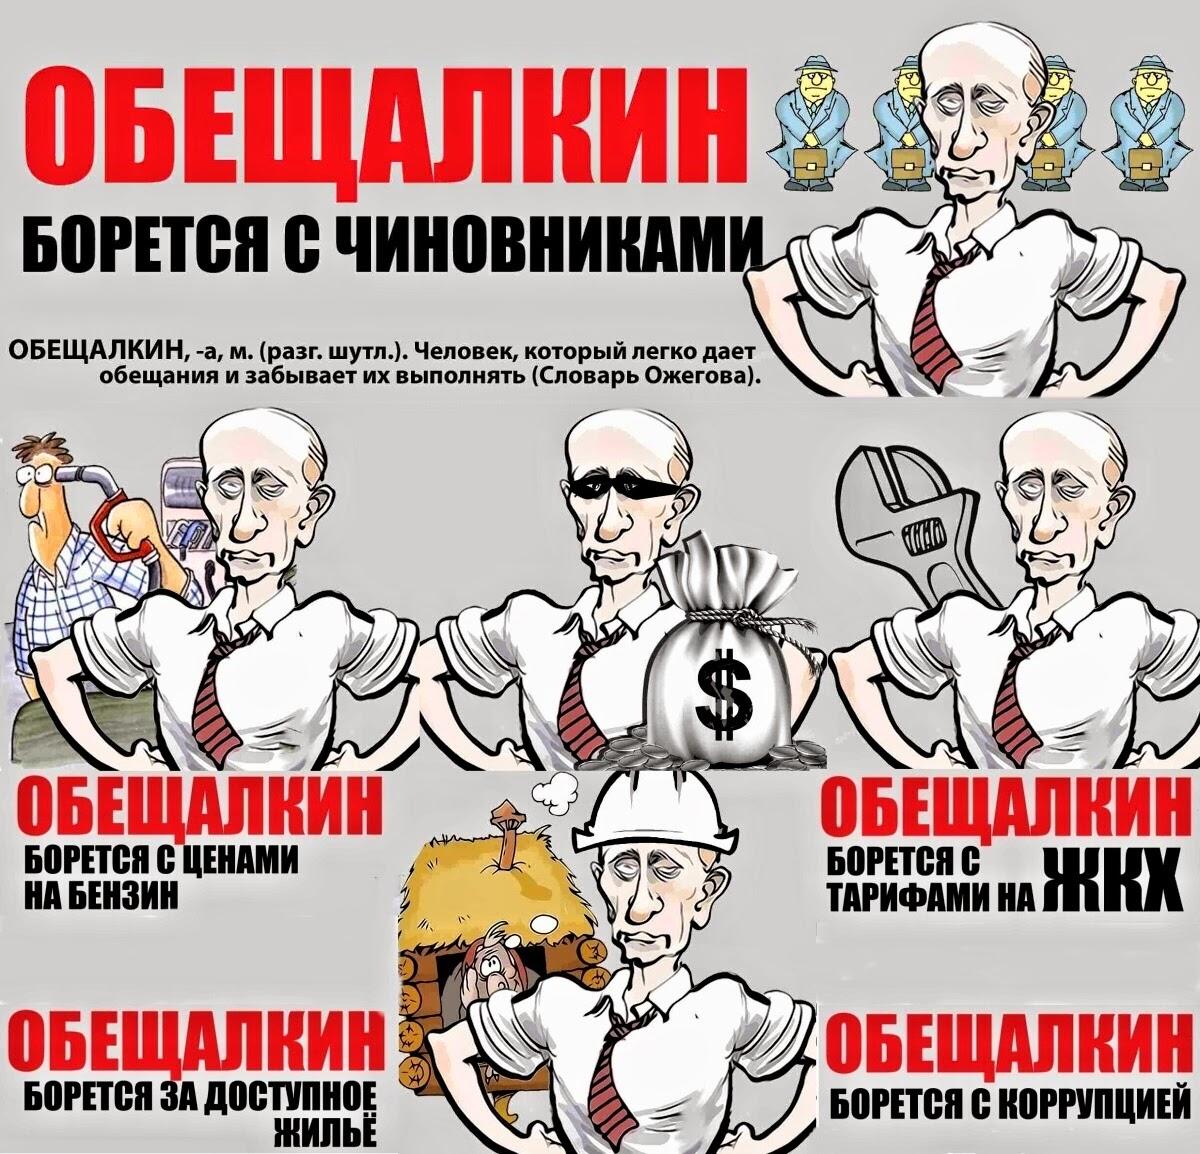 Предприятия, которые рассылают людям завышенные платежки и требуют вернуть субсидию, будут жестко наказаны, - Розенко - Цензор.НЕТ 2241